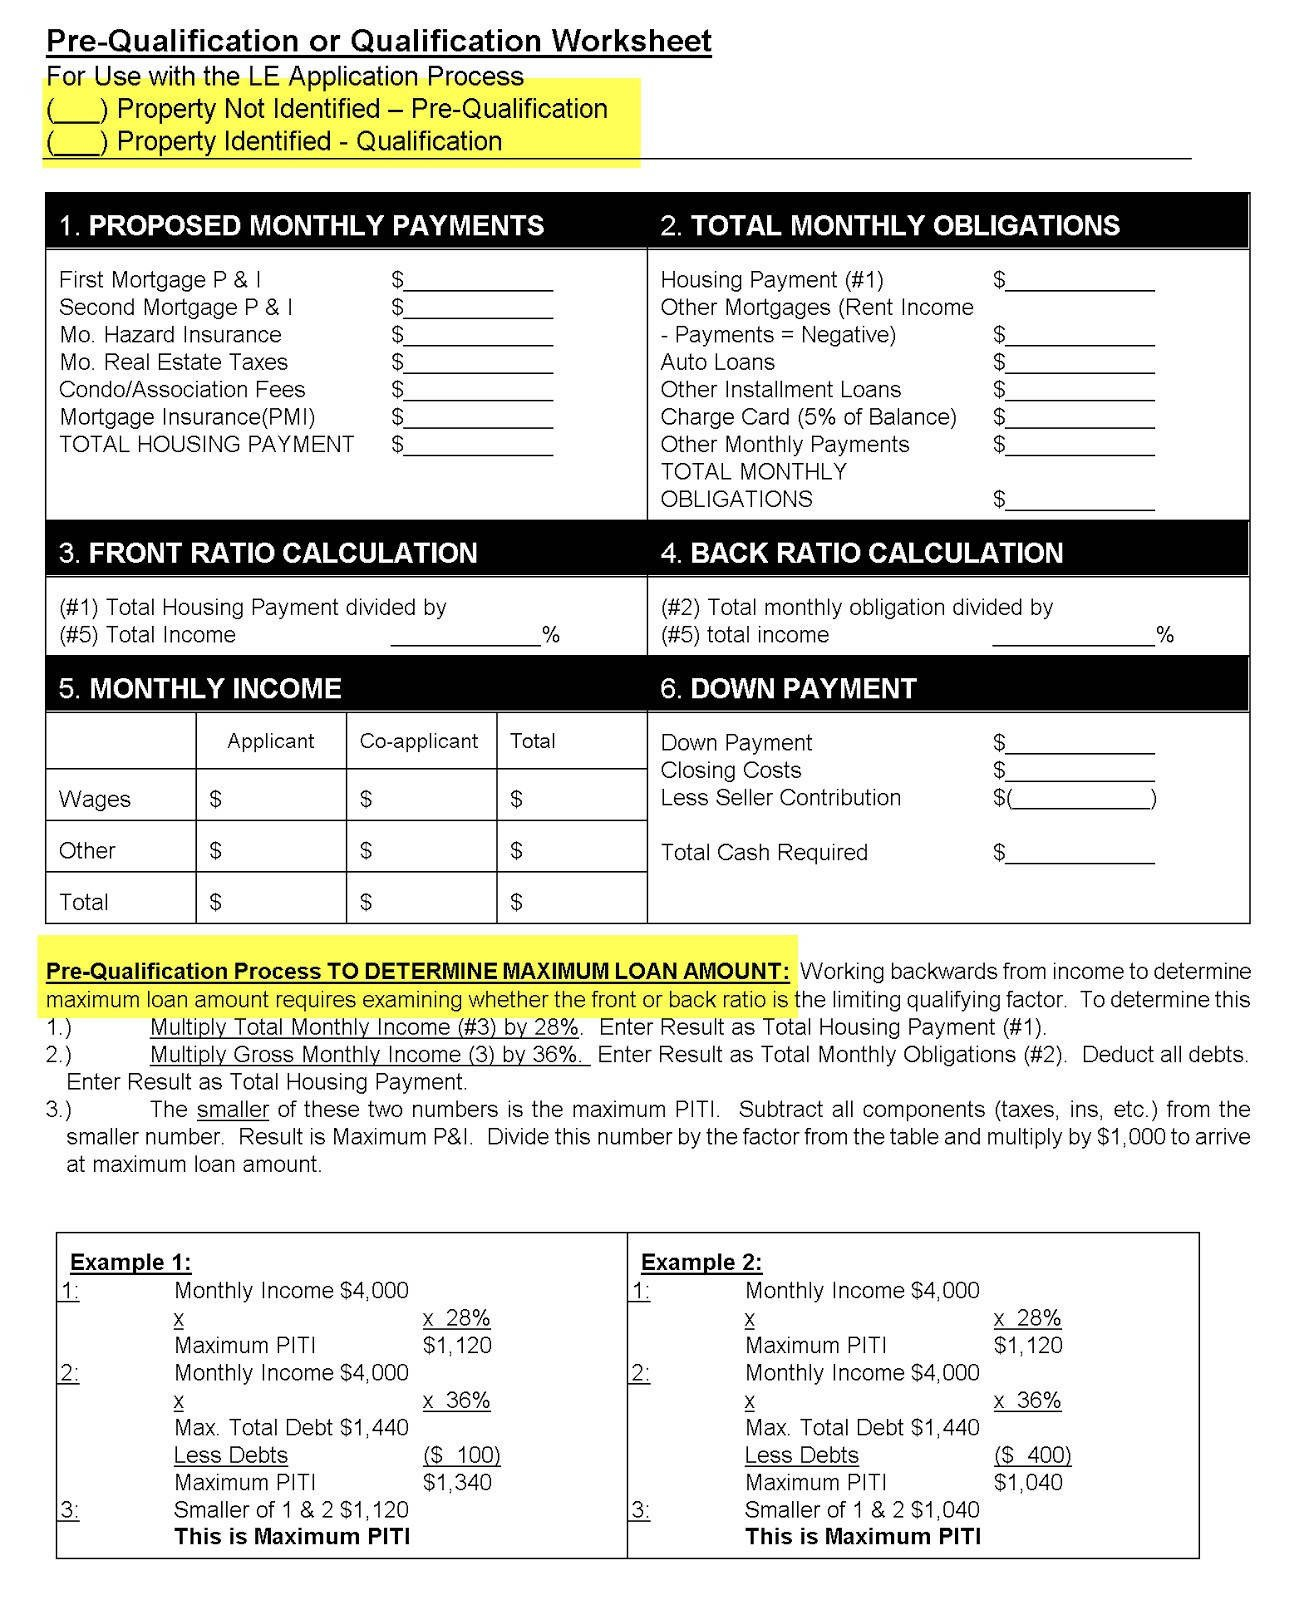 Va Maximum Loan Amount Worksheet